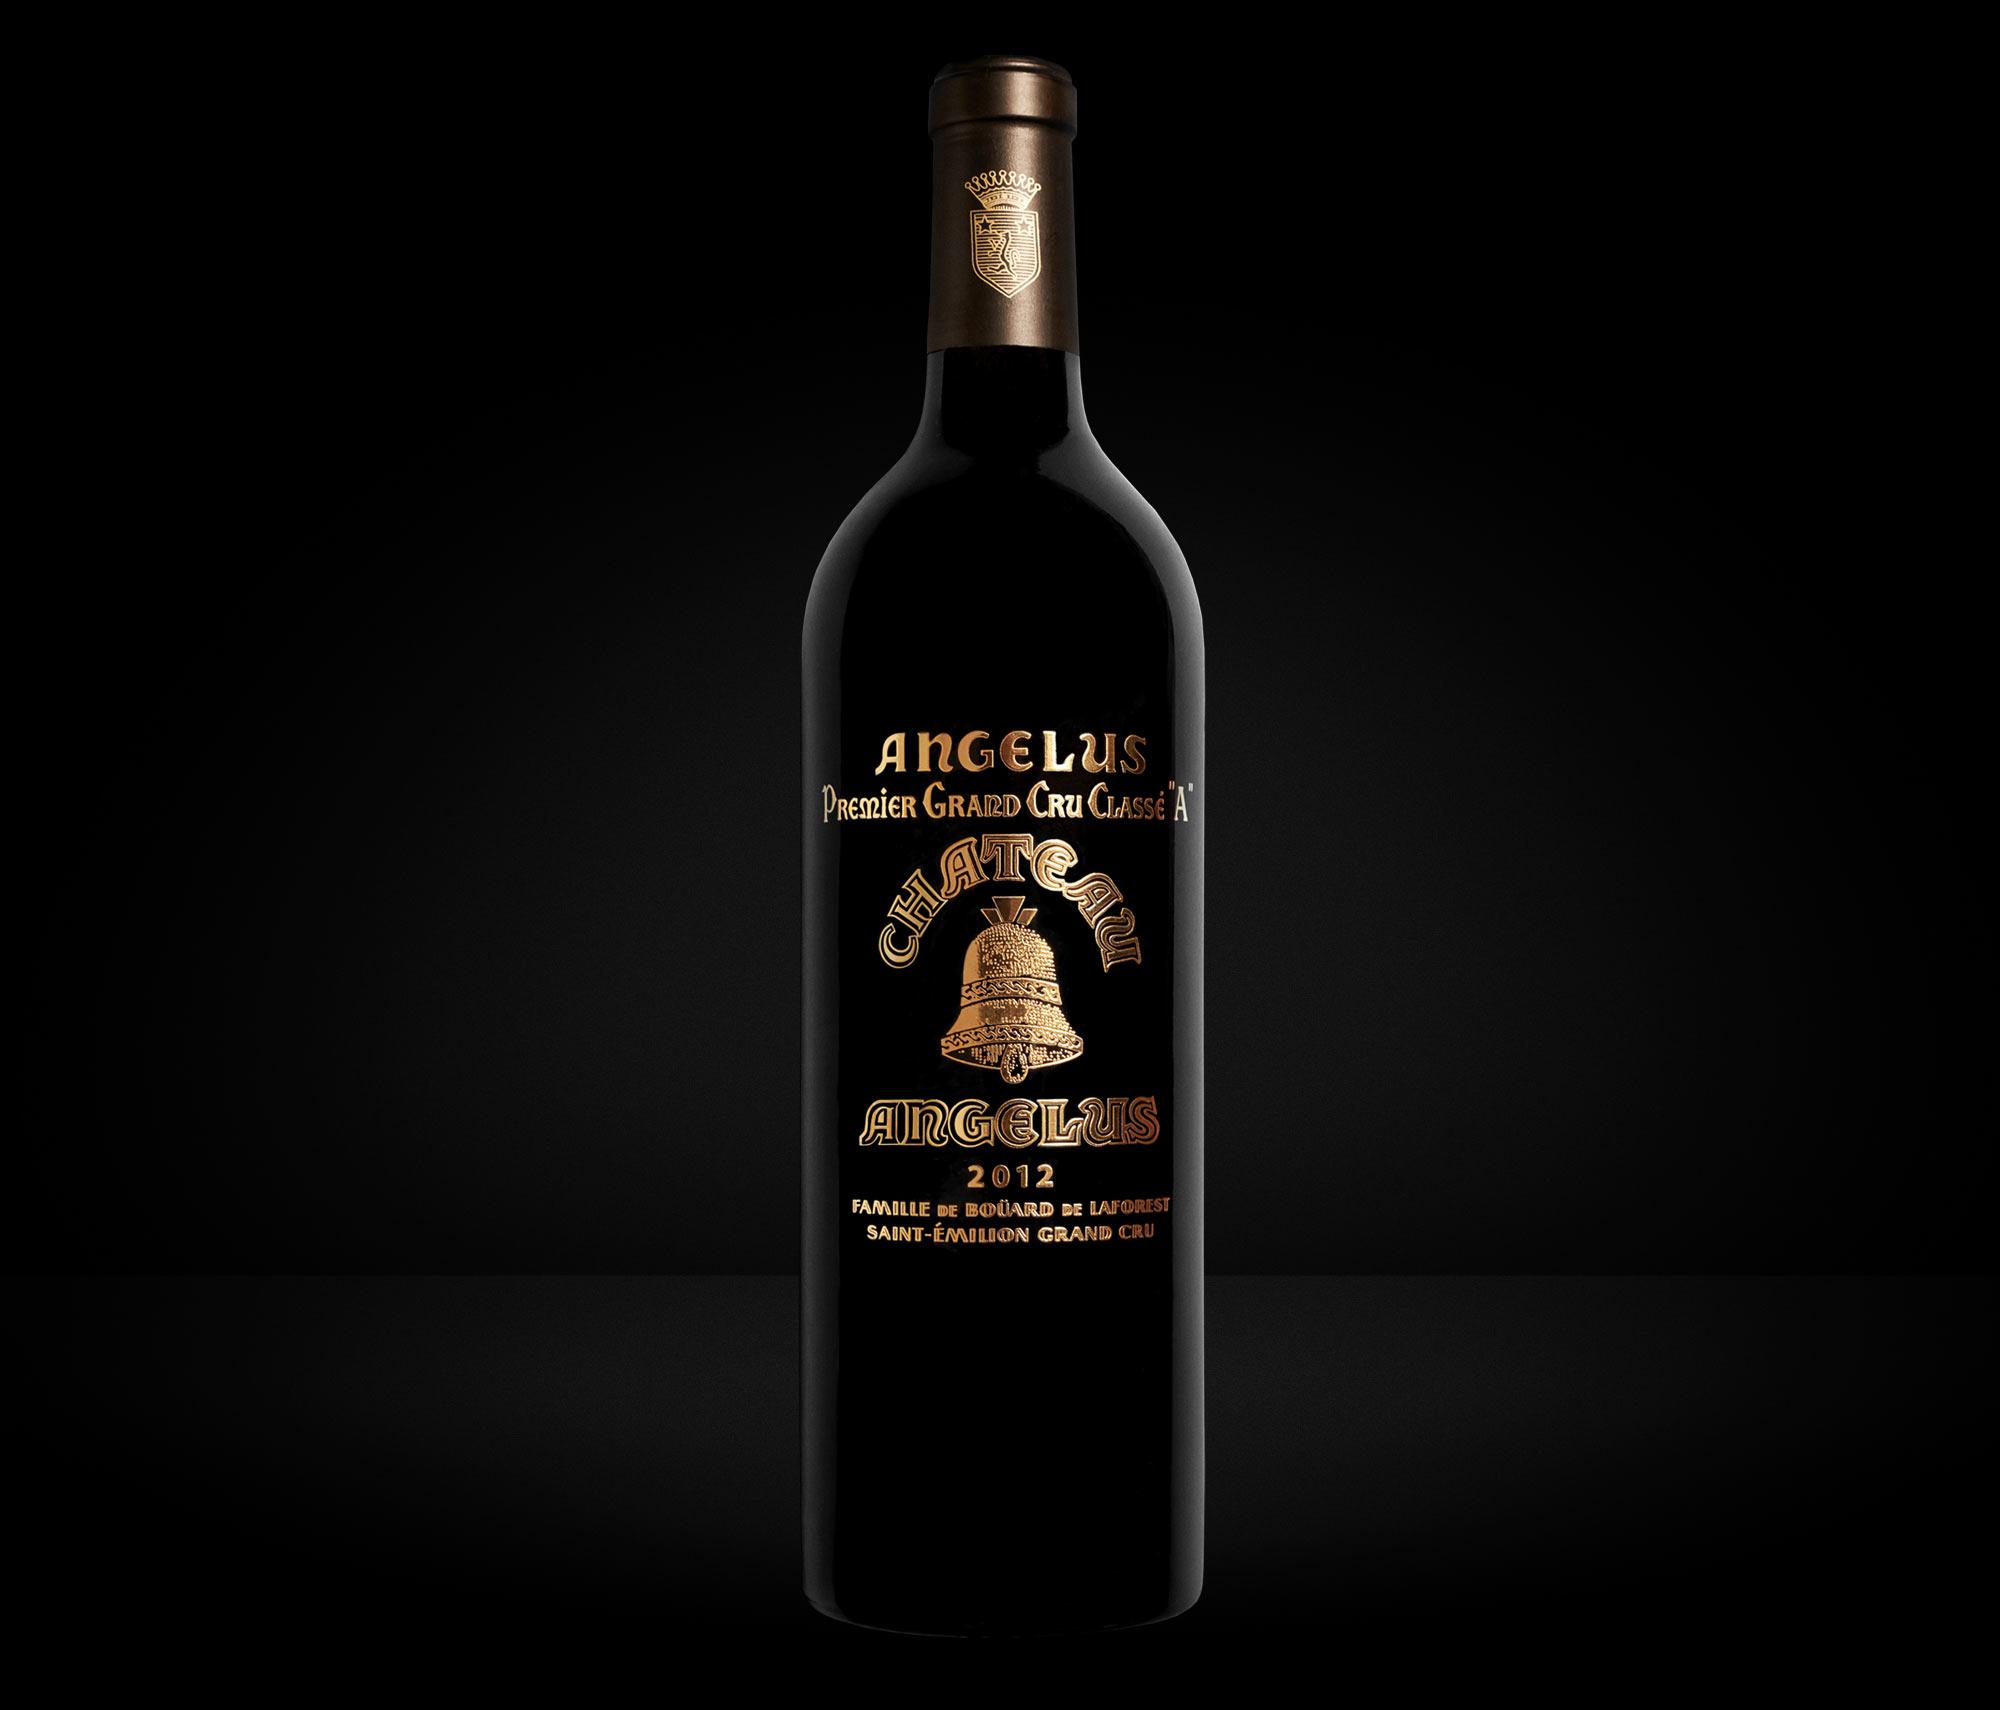 拉菲、玛歌……盘点献给特别年份的精美酒标